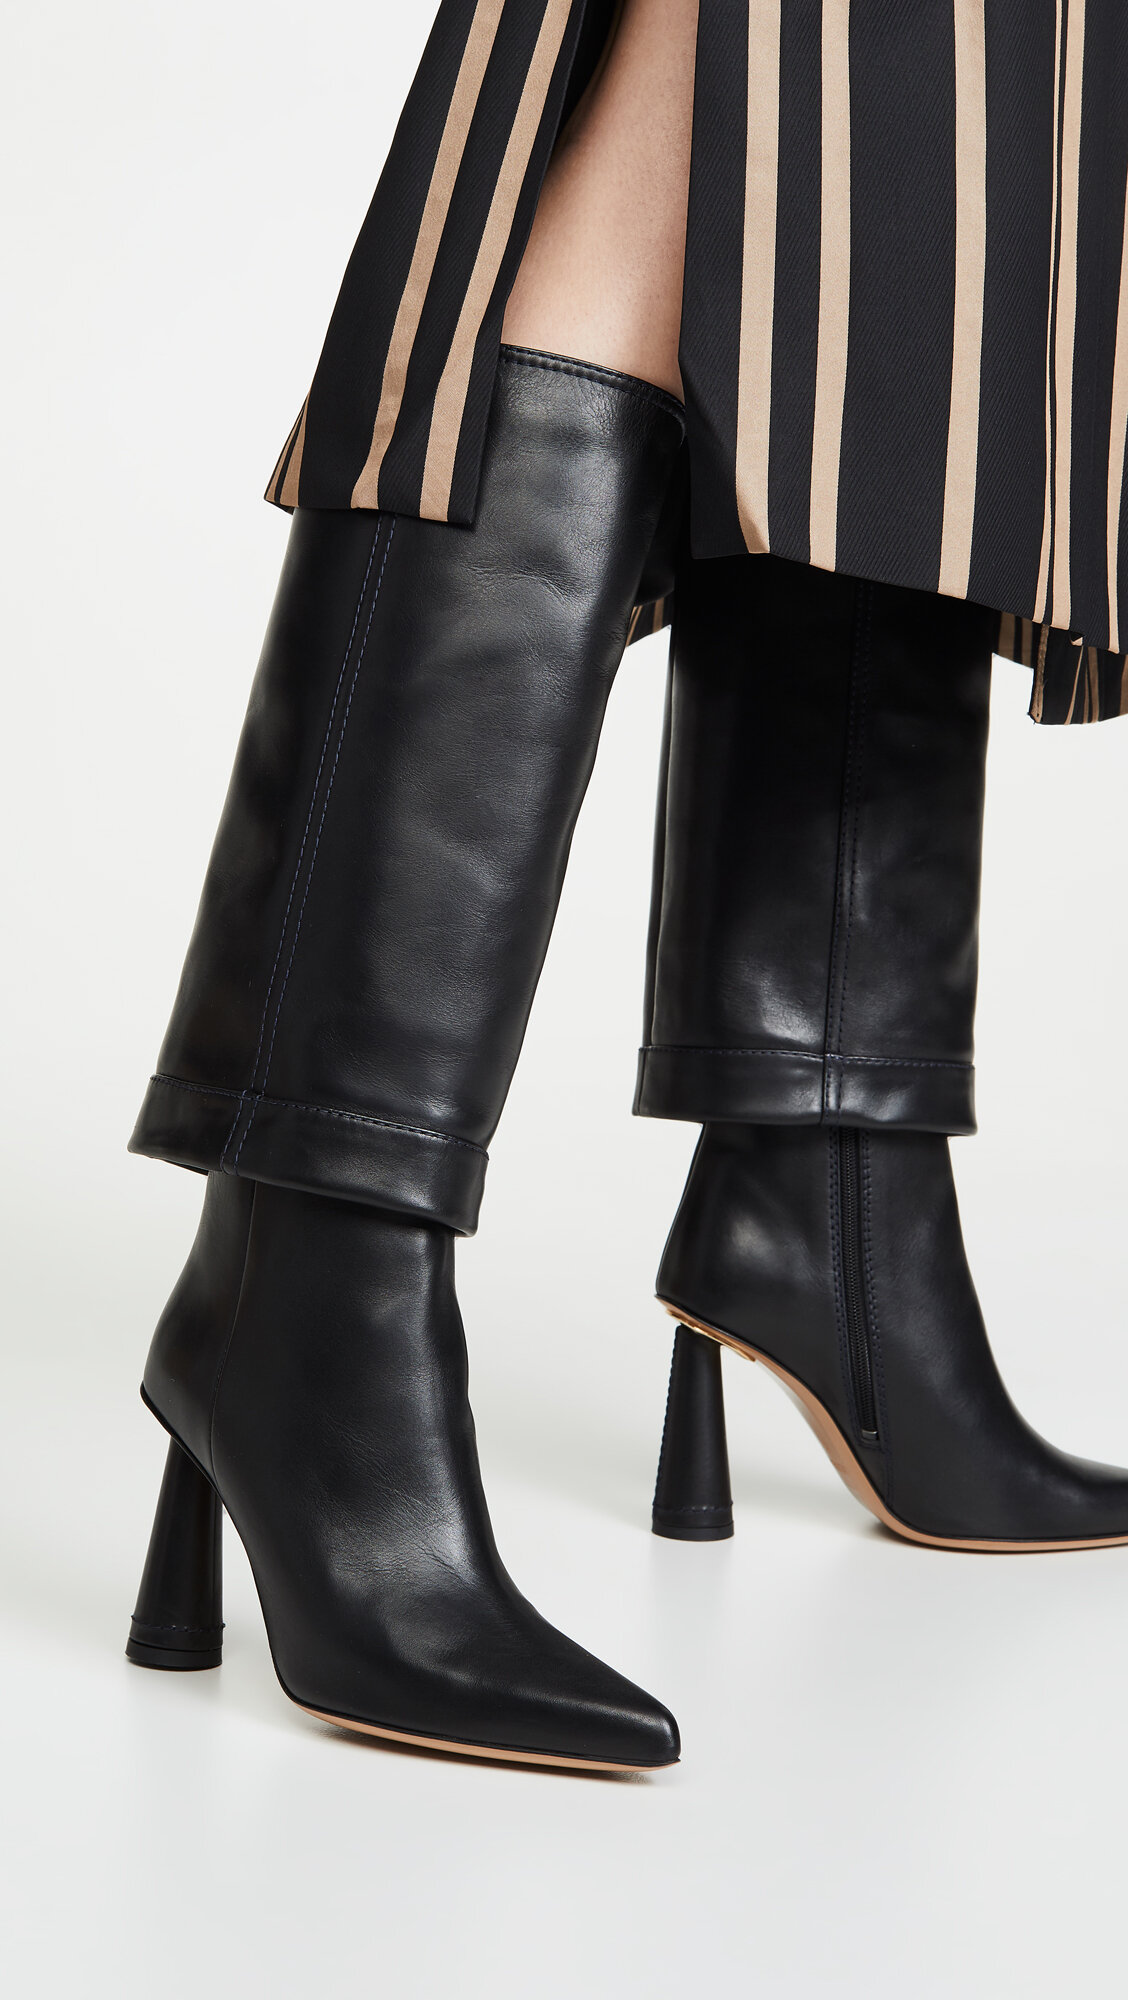 Les Bottes Pantalon Boots, Jacquemus